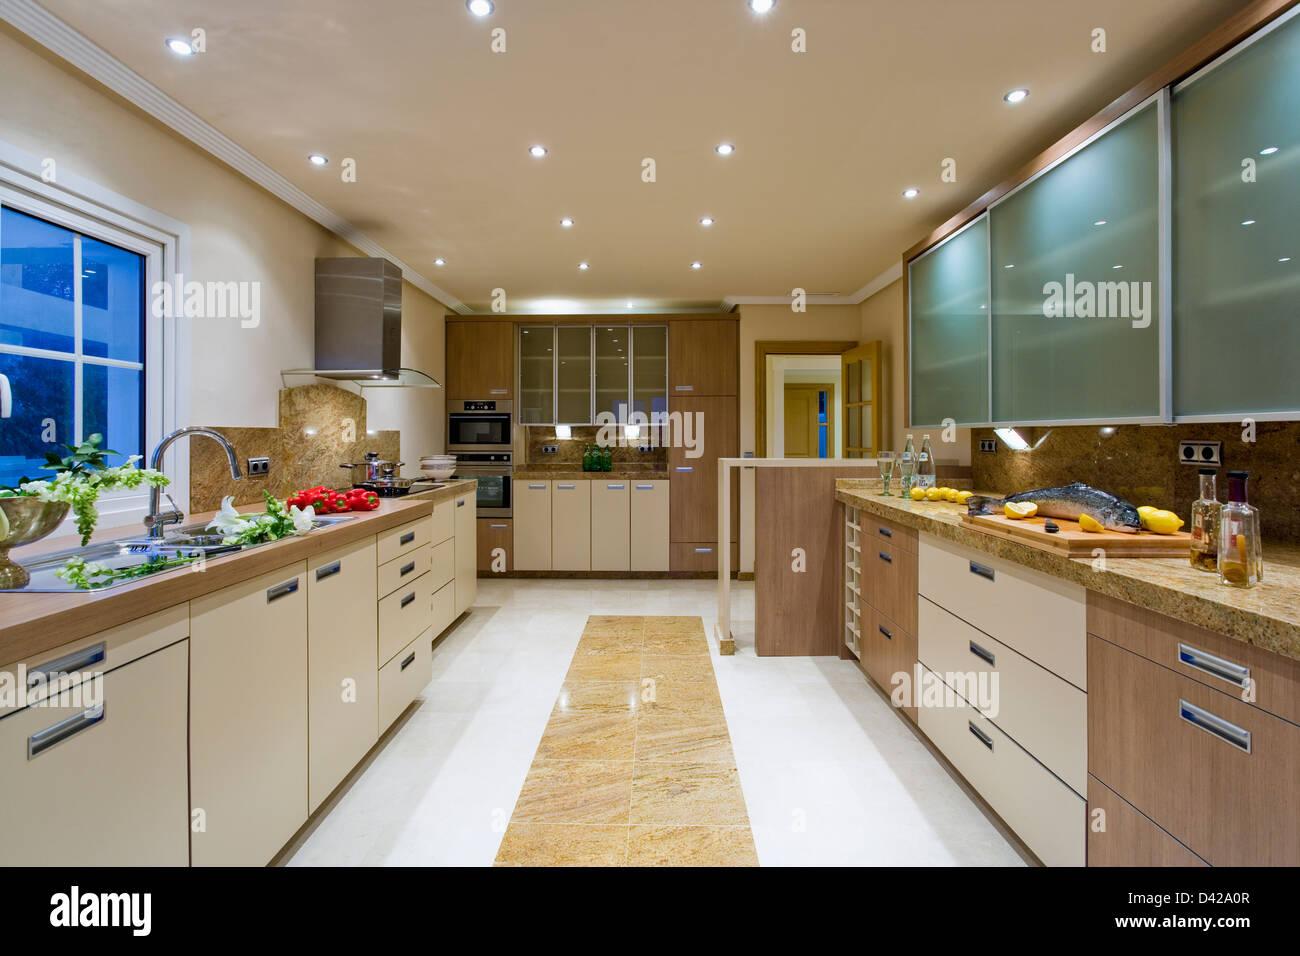 Cucina moderna in spagnolo villa con incasso a soffitto e luci di